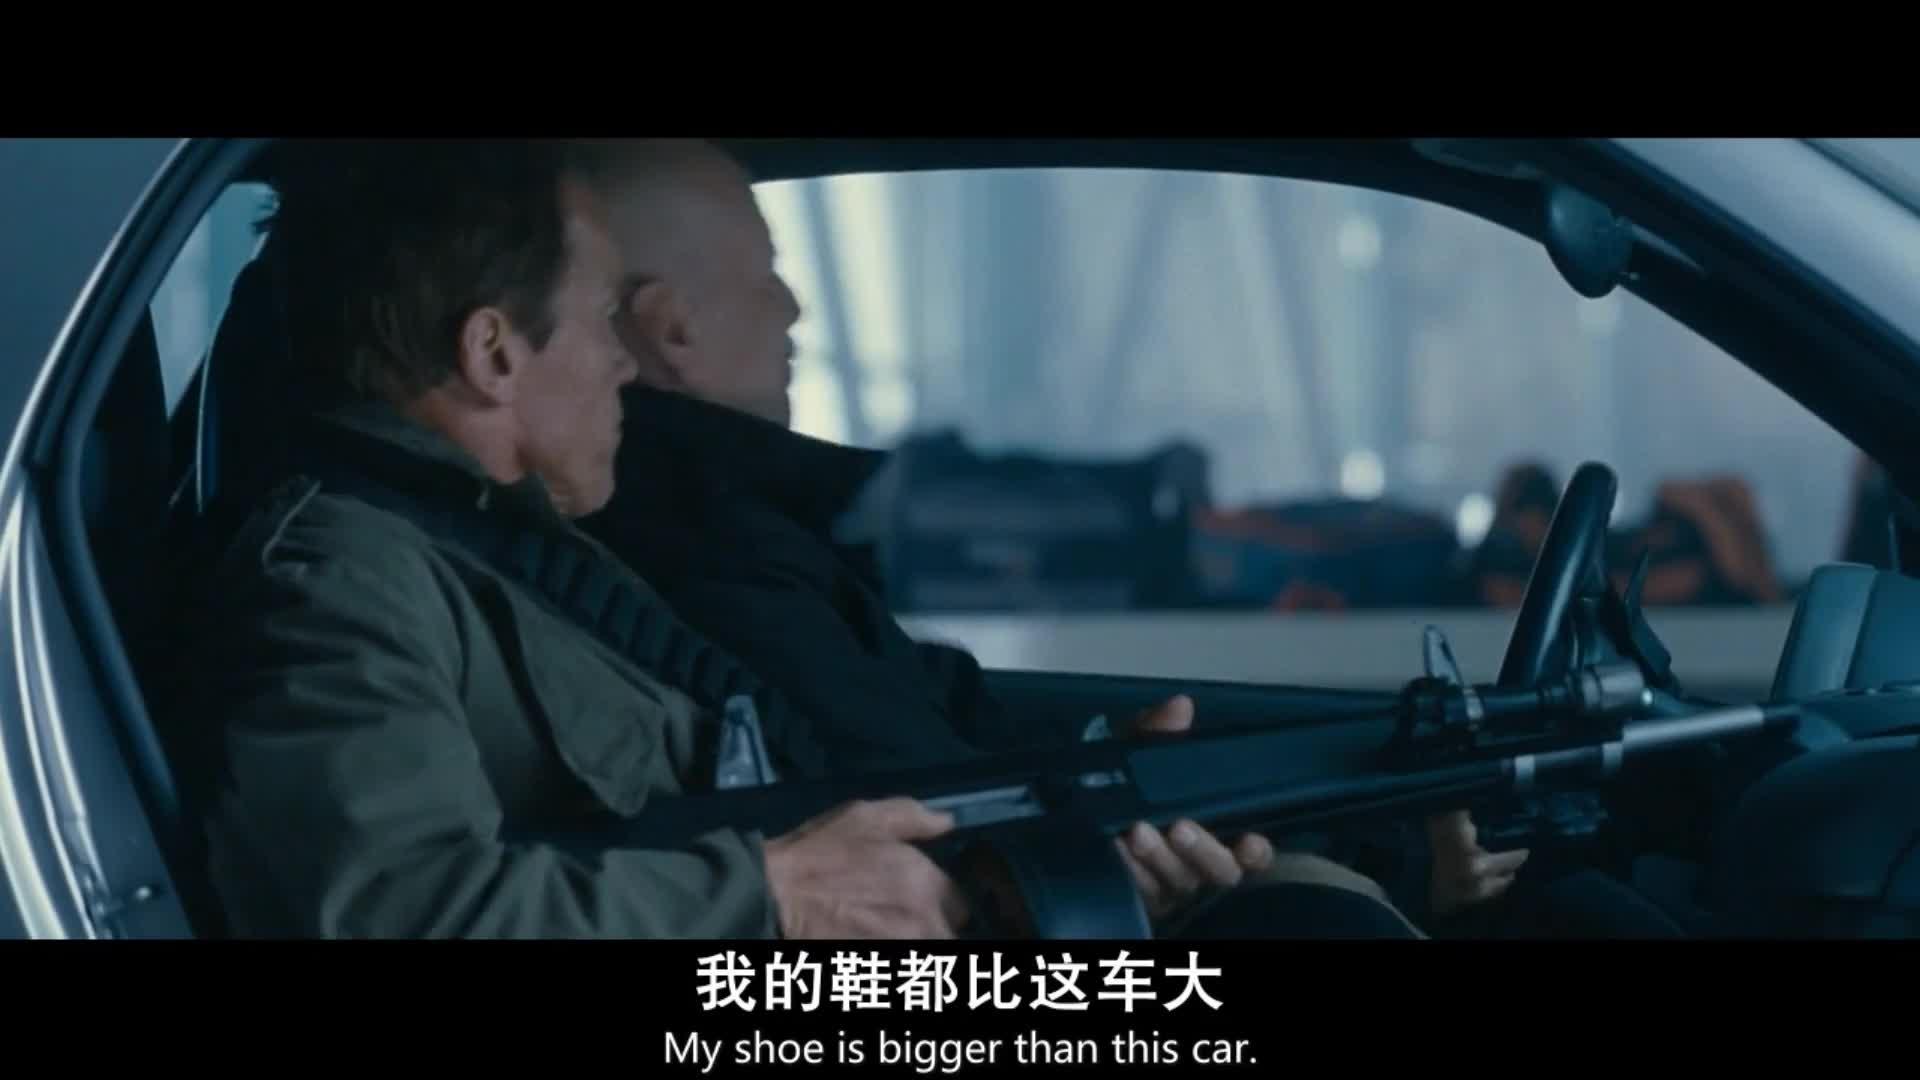 《敢死队2》史泰龙系列的电影,每一部都是开挂的人生